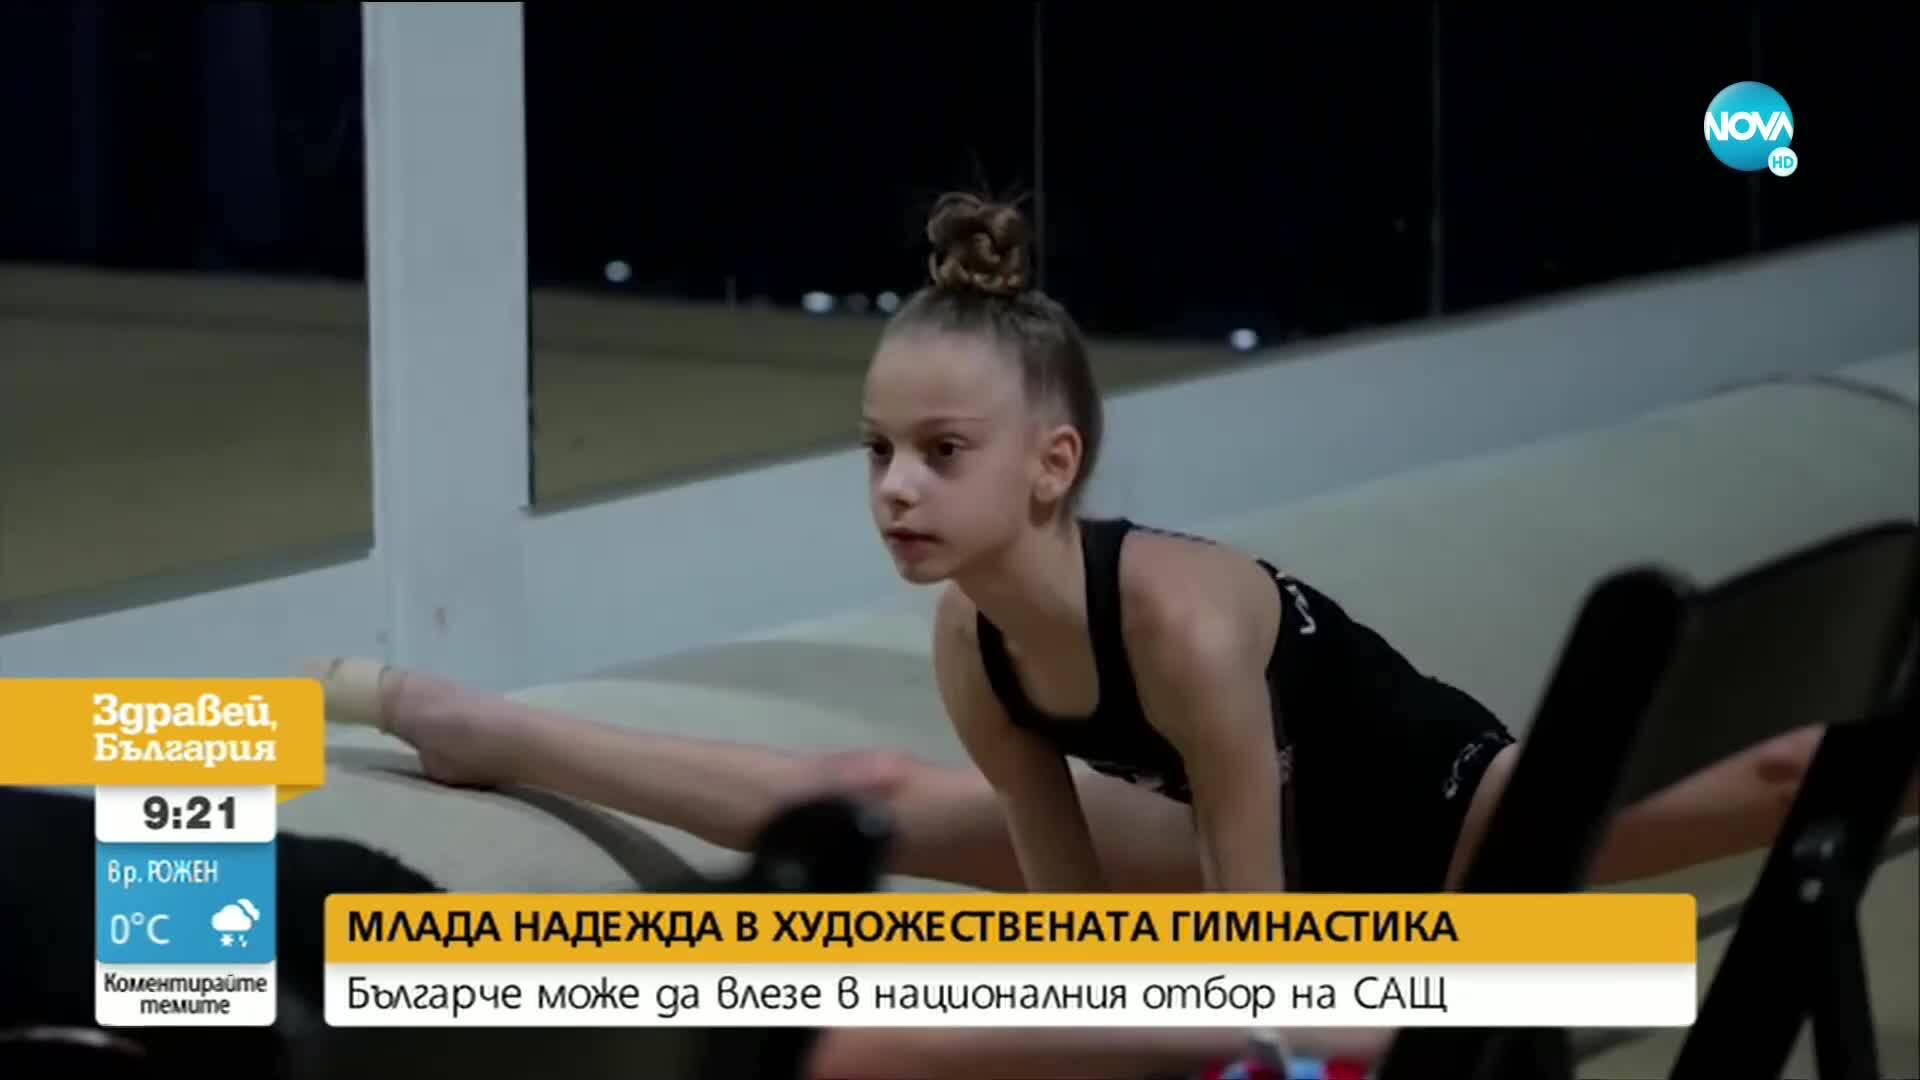 Българче може да влезе в националния отбор по художествена гимнастика на САЩ